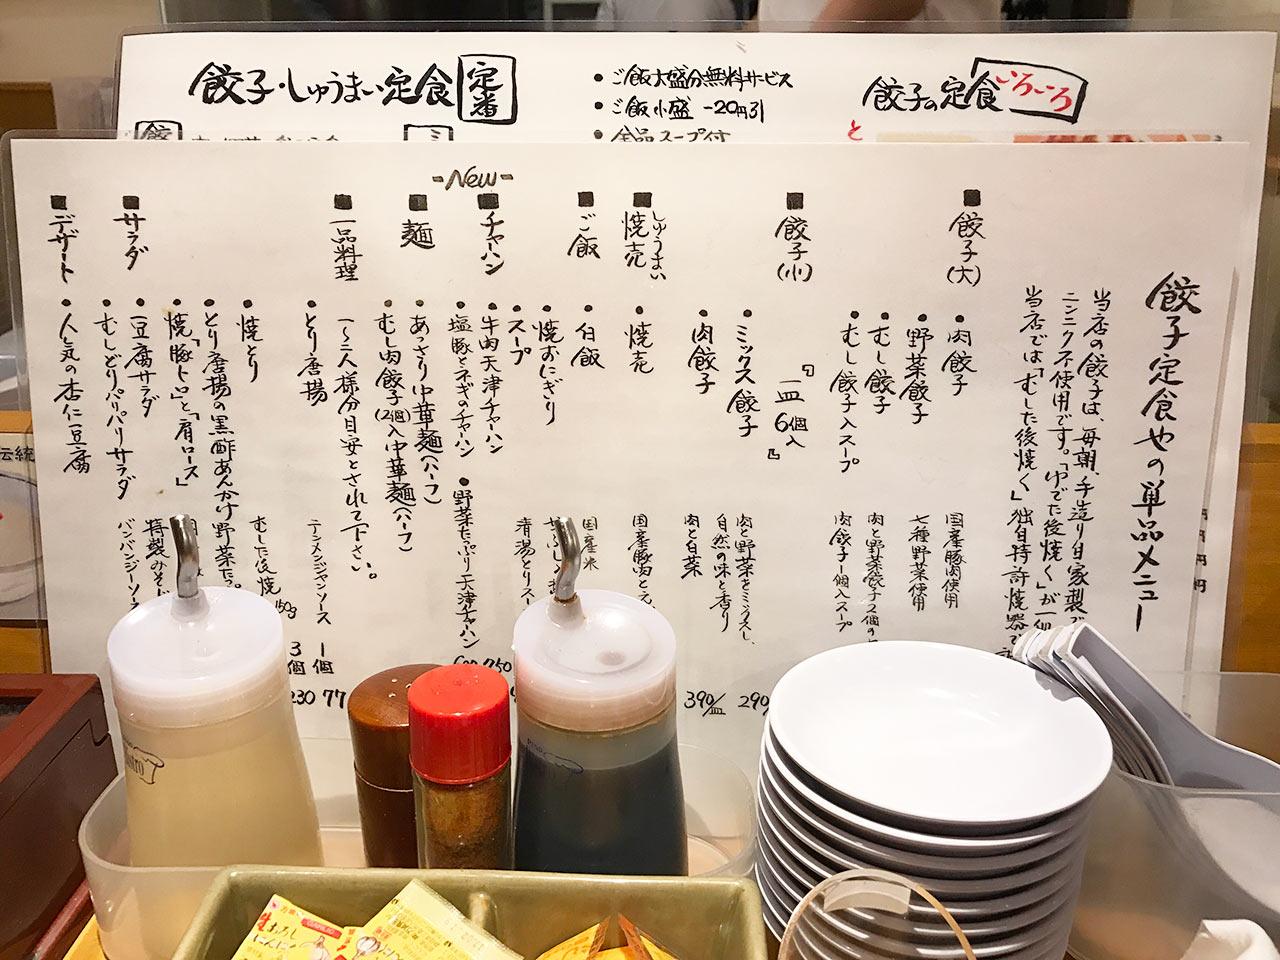 shibuya-mushiyaki-menu01